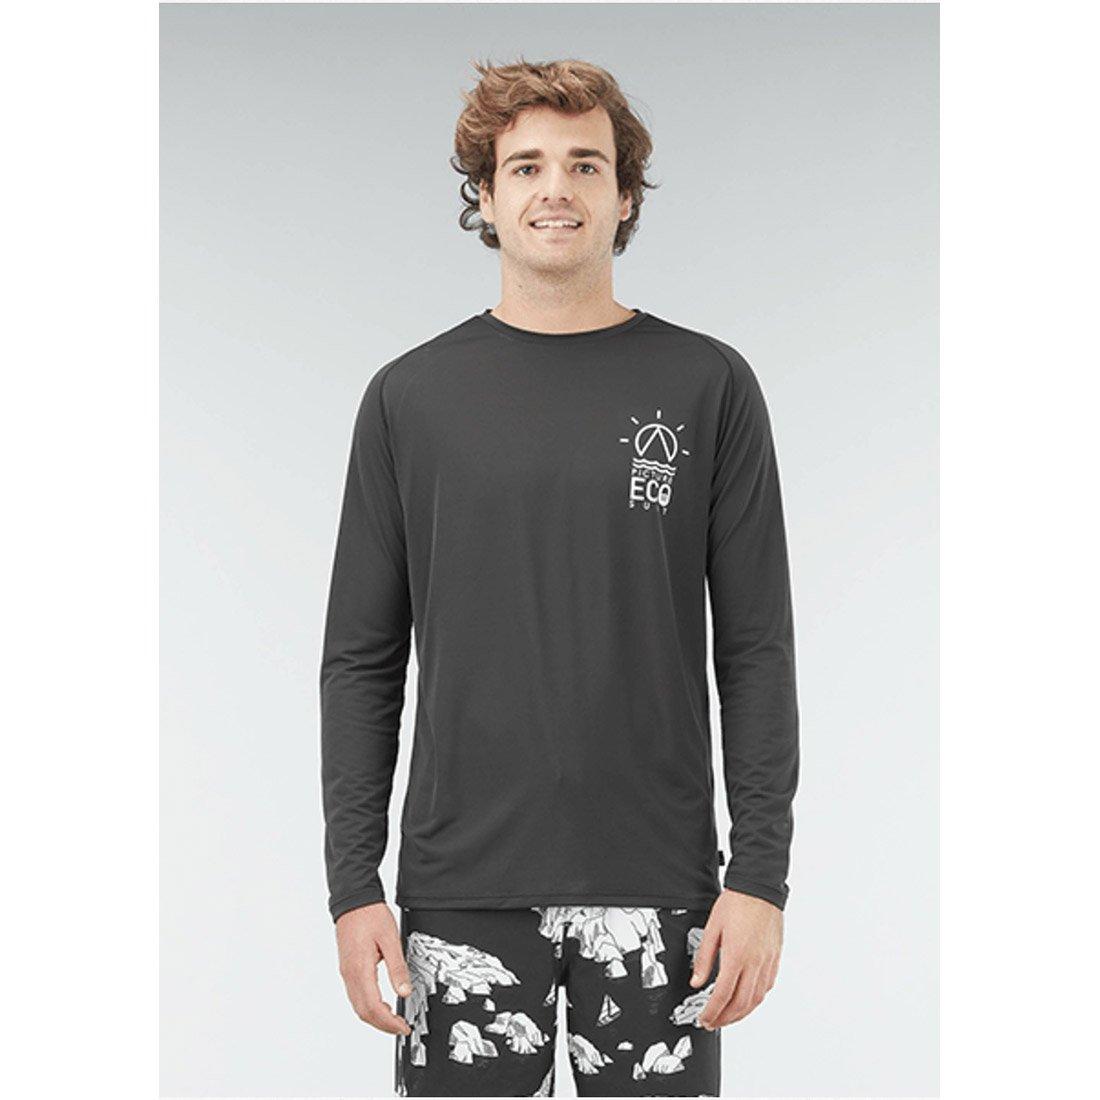 חולצת גלישה ארוכה - Damien L/S Surf Tee - Picture Organic